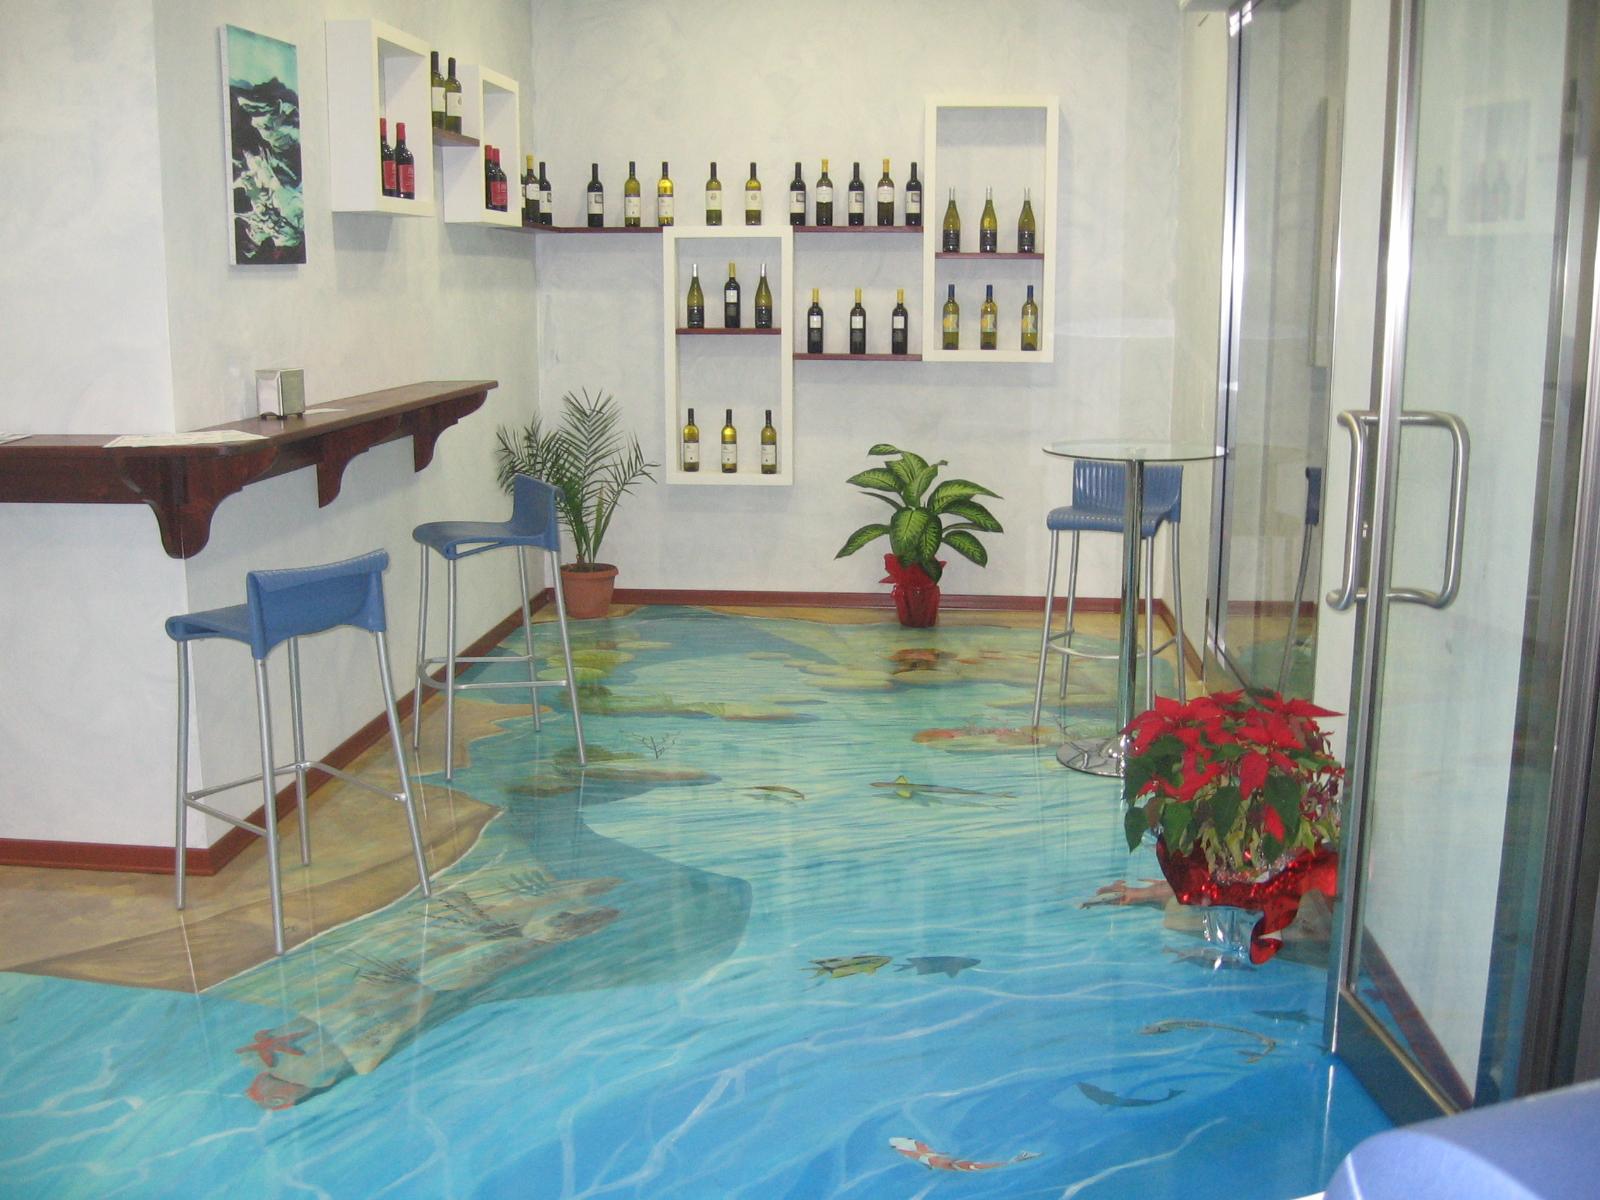 Наливной пол превращает обычную комнату в волшебную